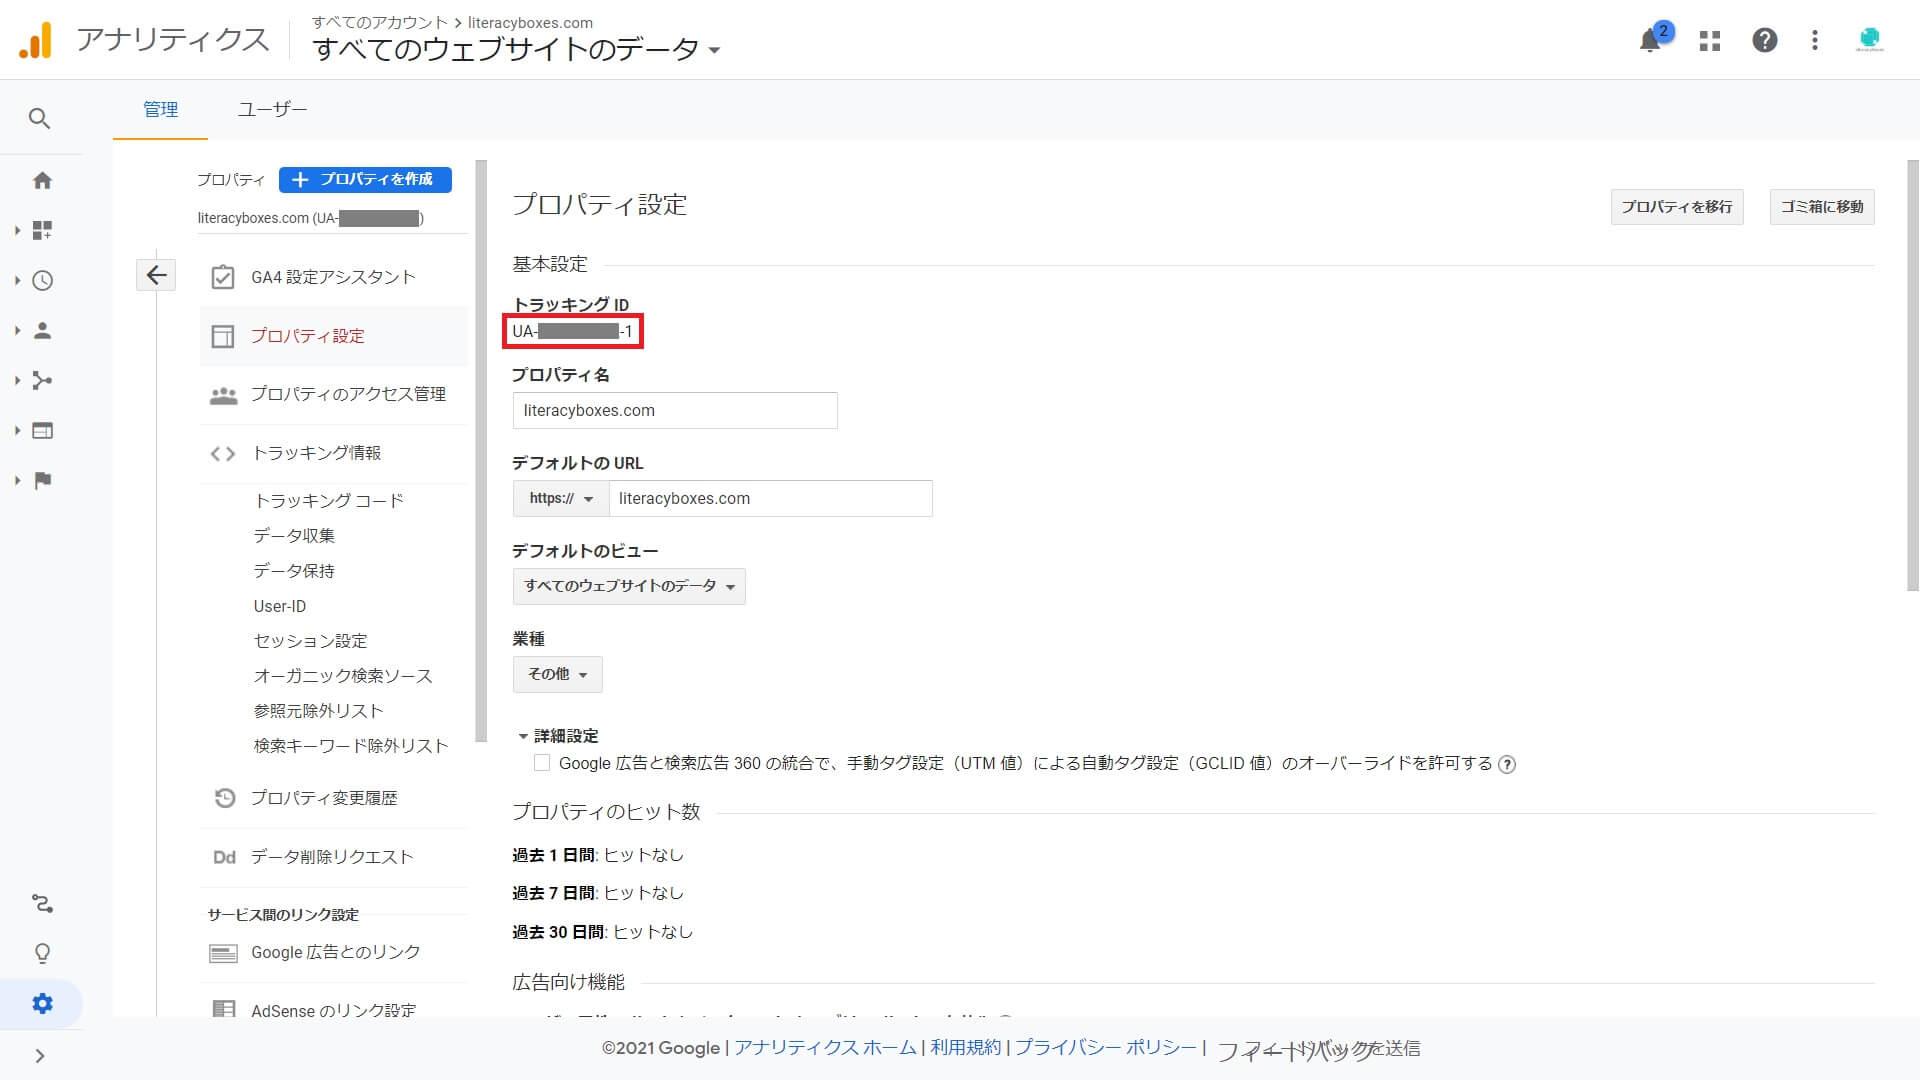 Googleアナリティクス-ユニバーサルアナリティクス-トラッキングIDをコピー